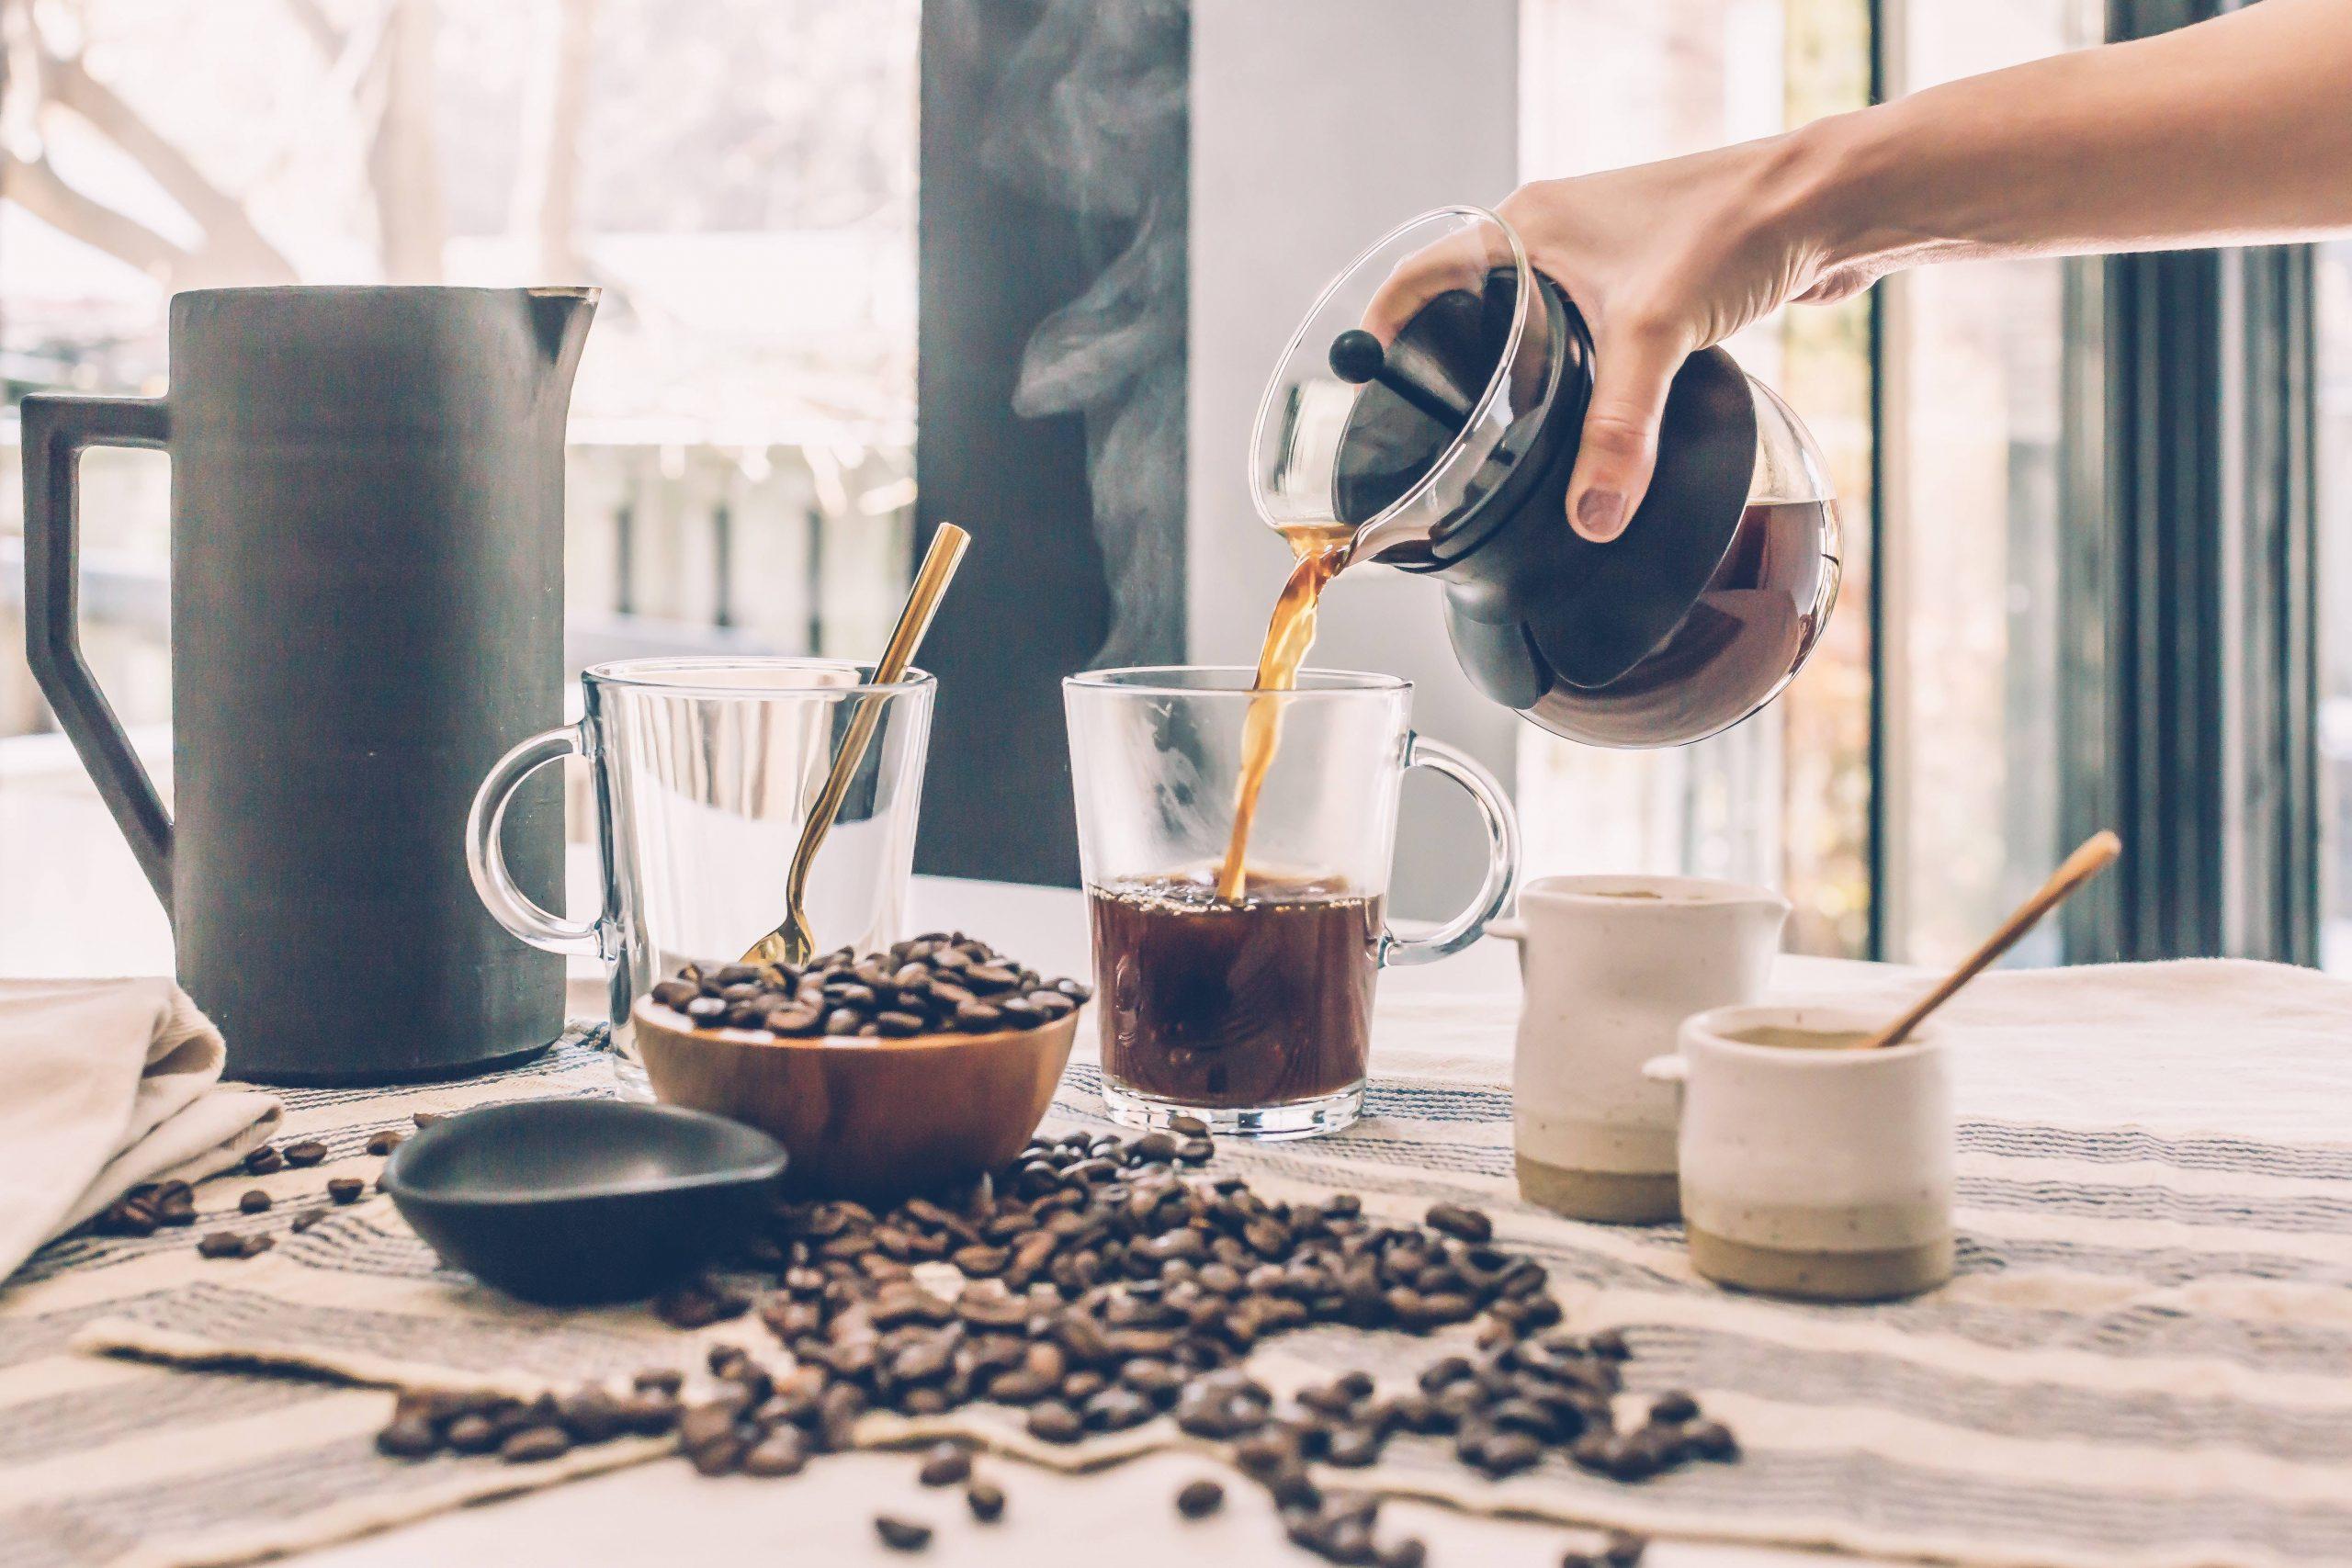 Koffie met mate is gezond voor het hart